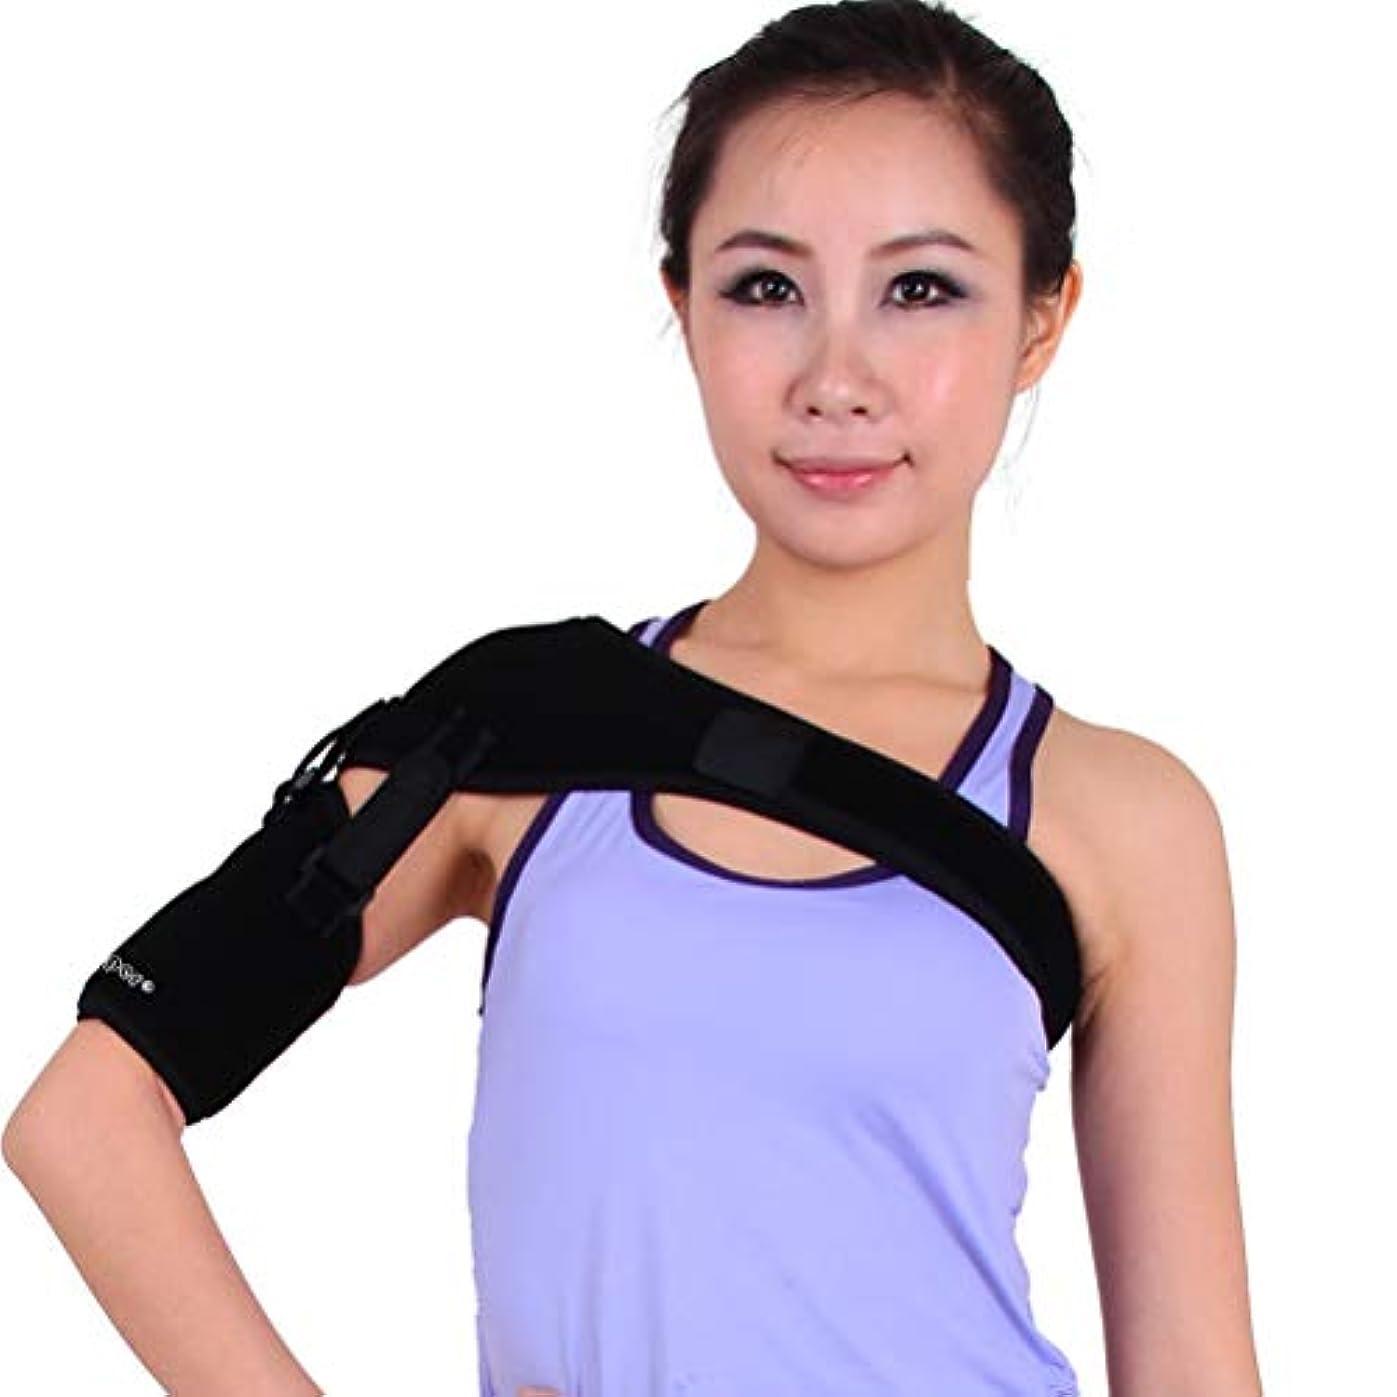 許される生むシードHealifty ショルダーサポート右腕スリング調整可能な肘サポートメッシュブレース医療用スリングストラップ固定具(スポーツ用)壊れた骨折した腕(黒)